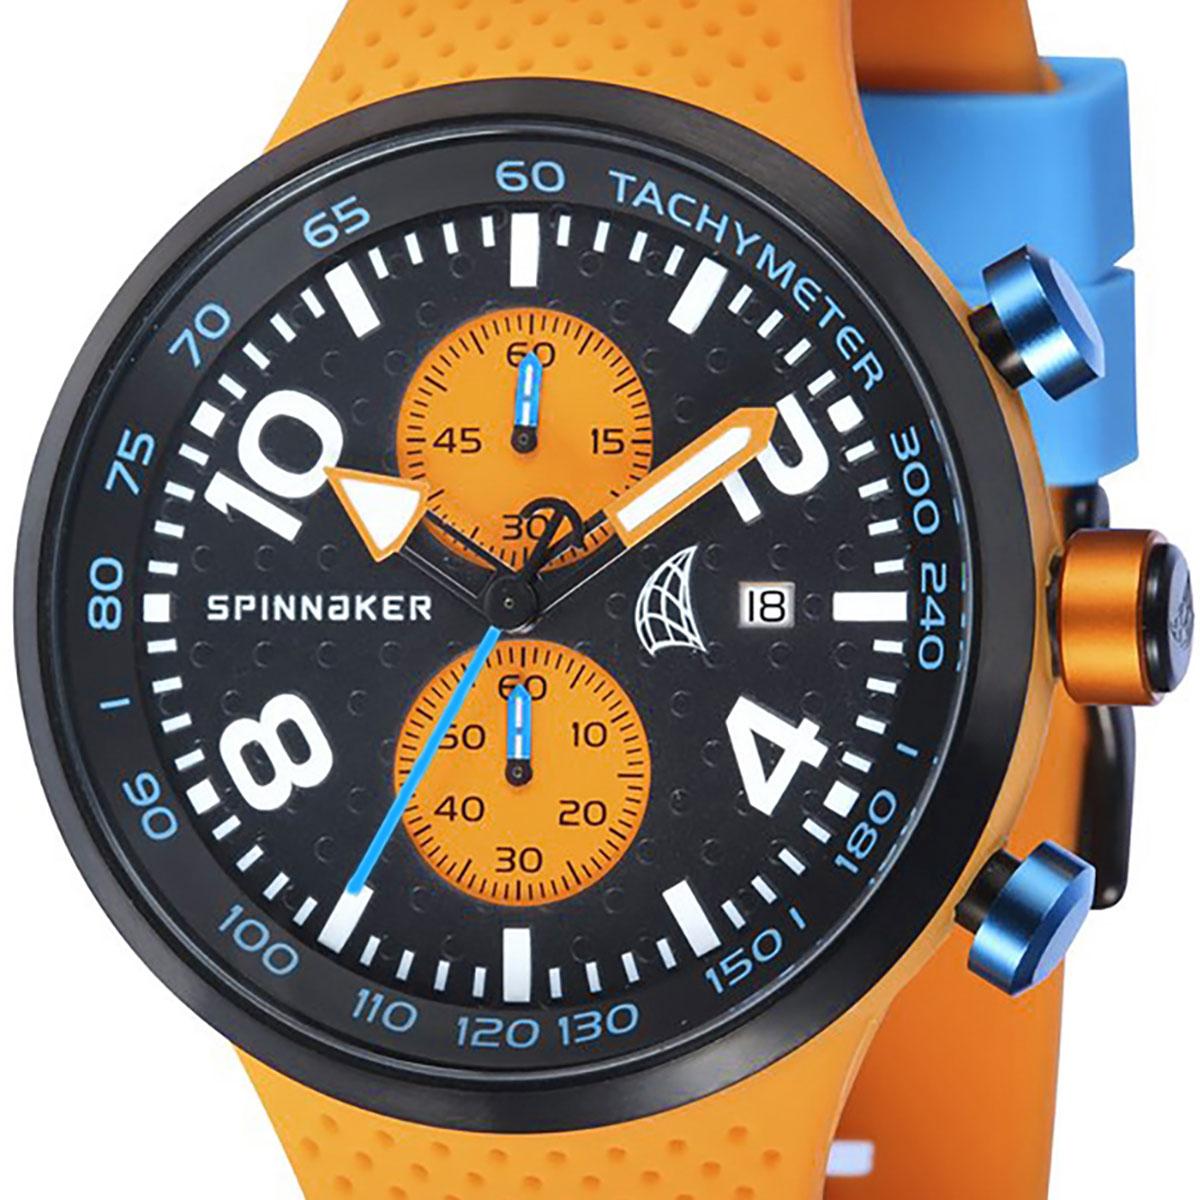 【残り1点】SPINNAKER スピネーカー 電池式クォーツ 腕時計 [SP-5029-01] 並行輸入品  デイト クロノグラフ タキメーターベゼル